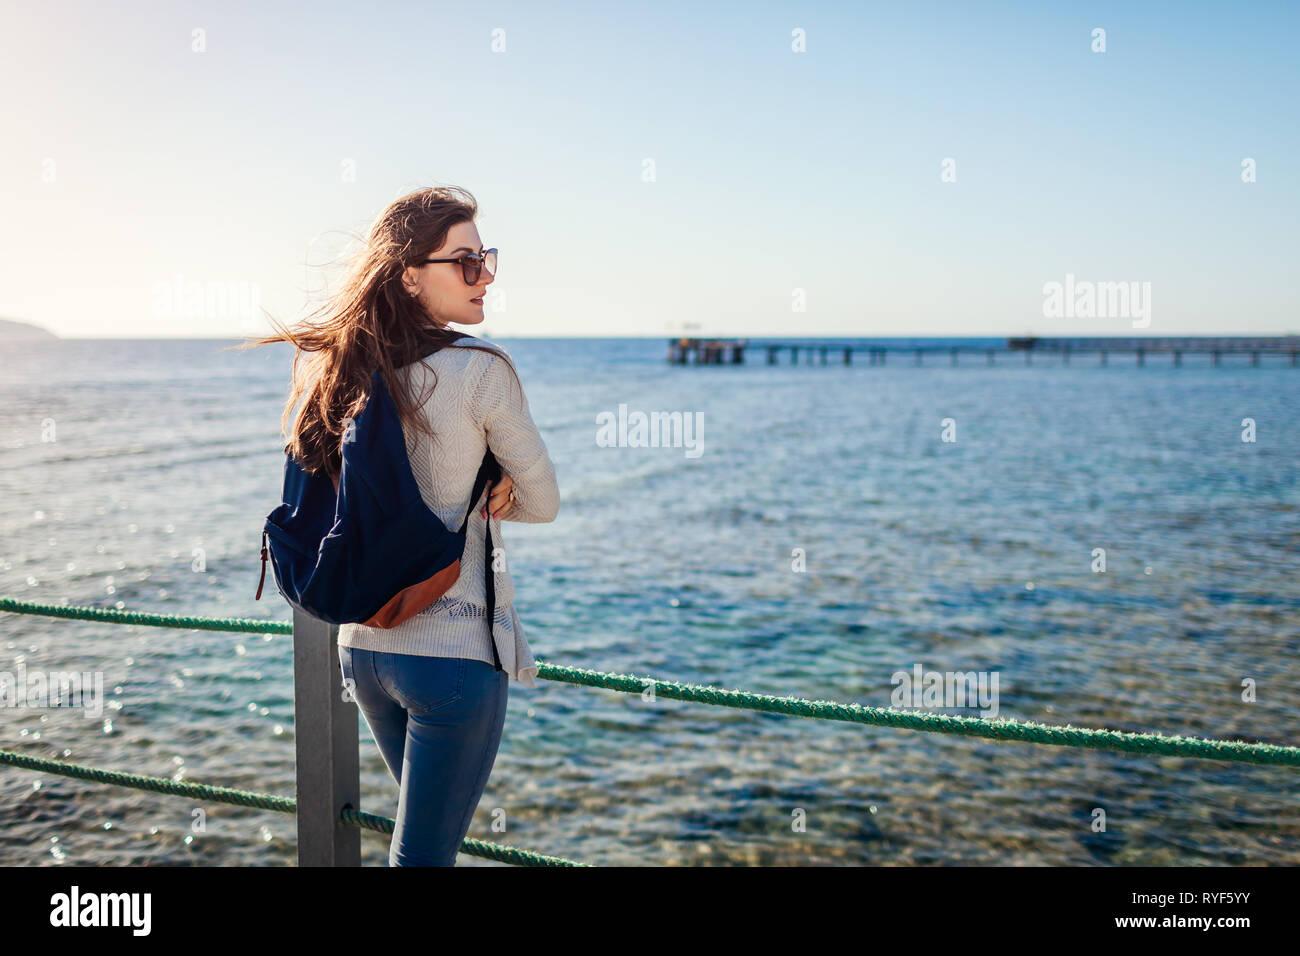 Jóvenes mujeres turistas con mochila admirando el paisaje de mar Rojo caminando en el muelle. Concepto de viaje. Vacaciones de verano Foto de stock